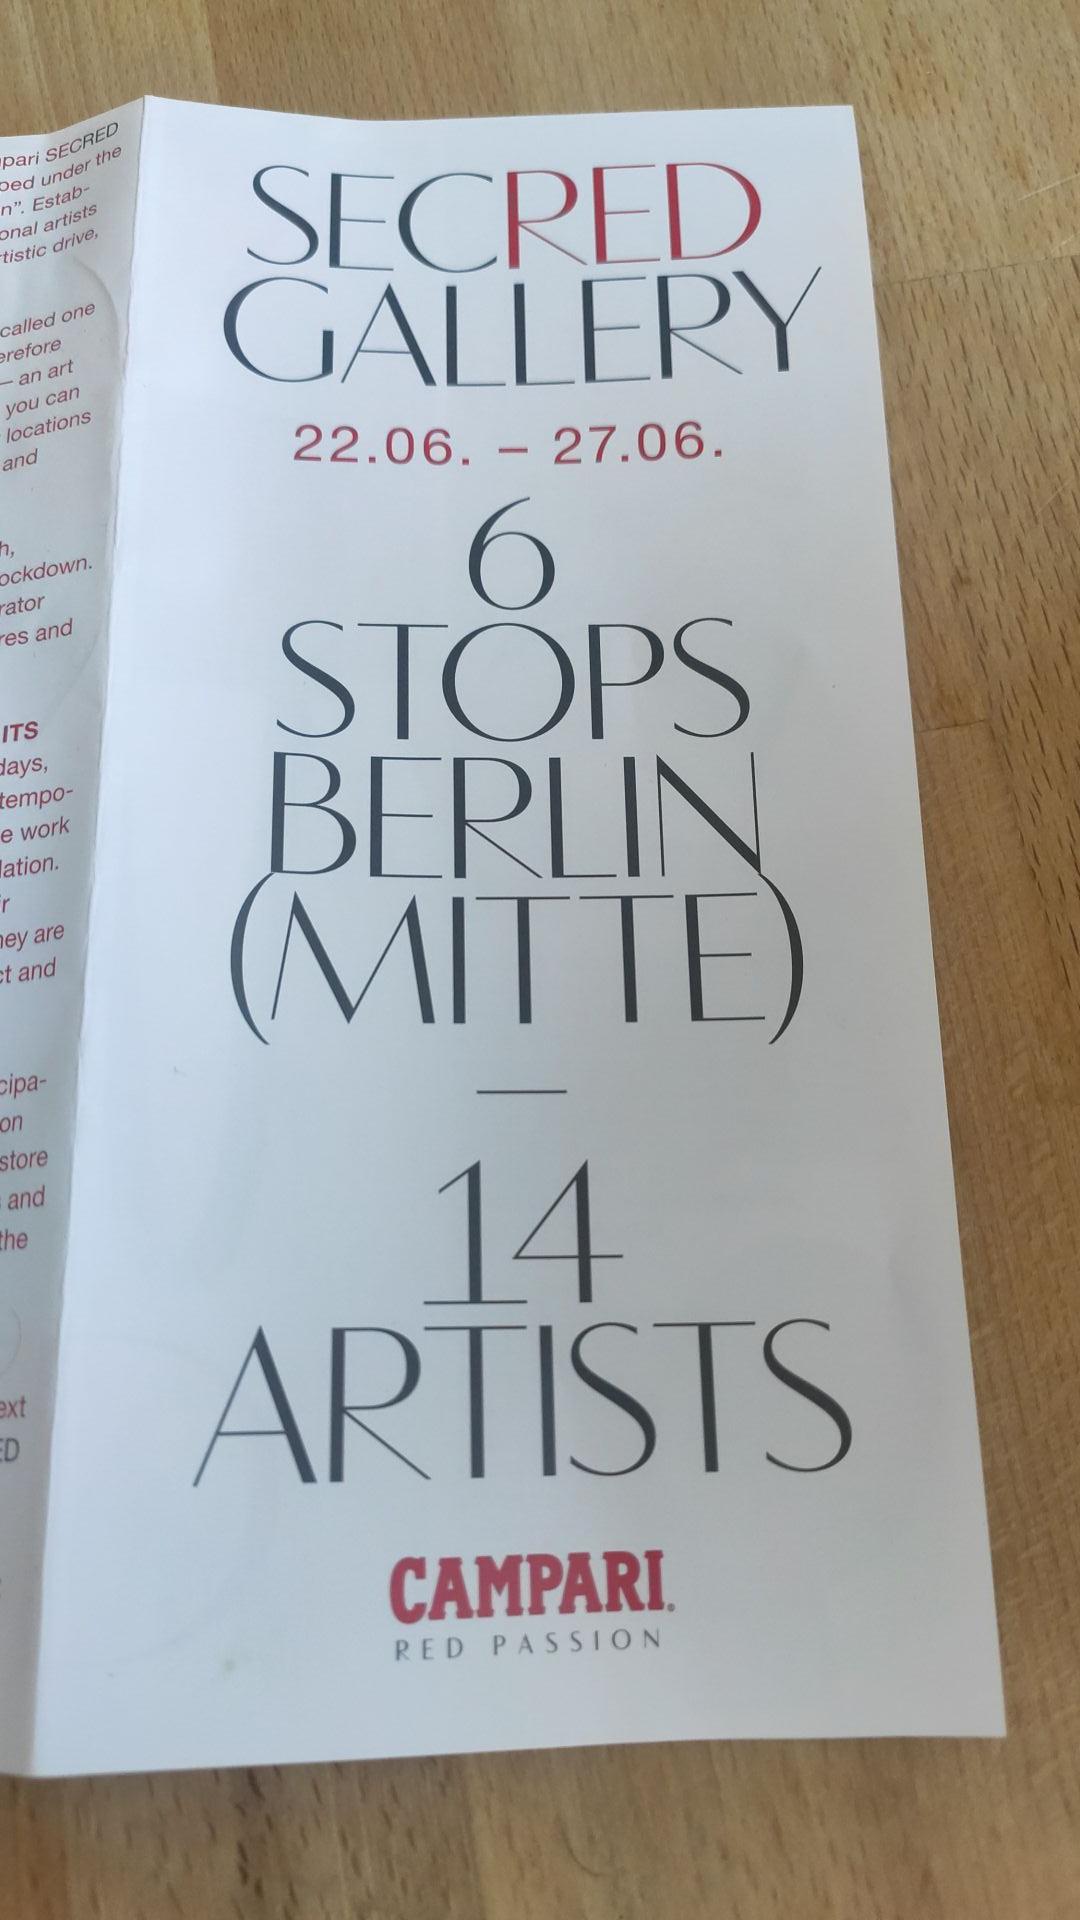 [Lokal Berlin] Campari Secred Gallery - Free drinks, Gläser, goodies